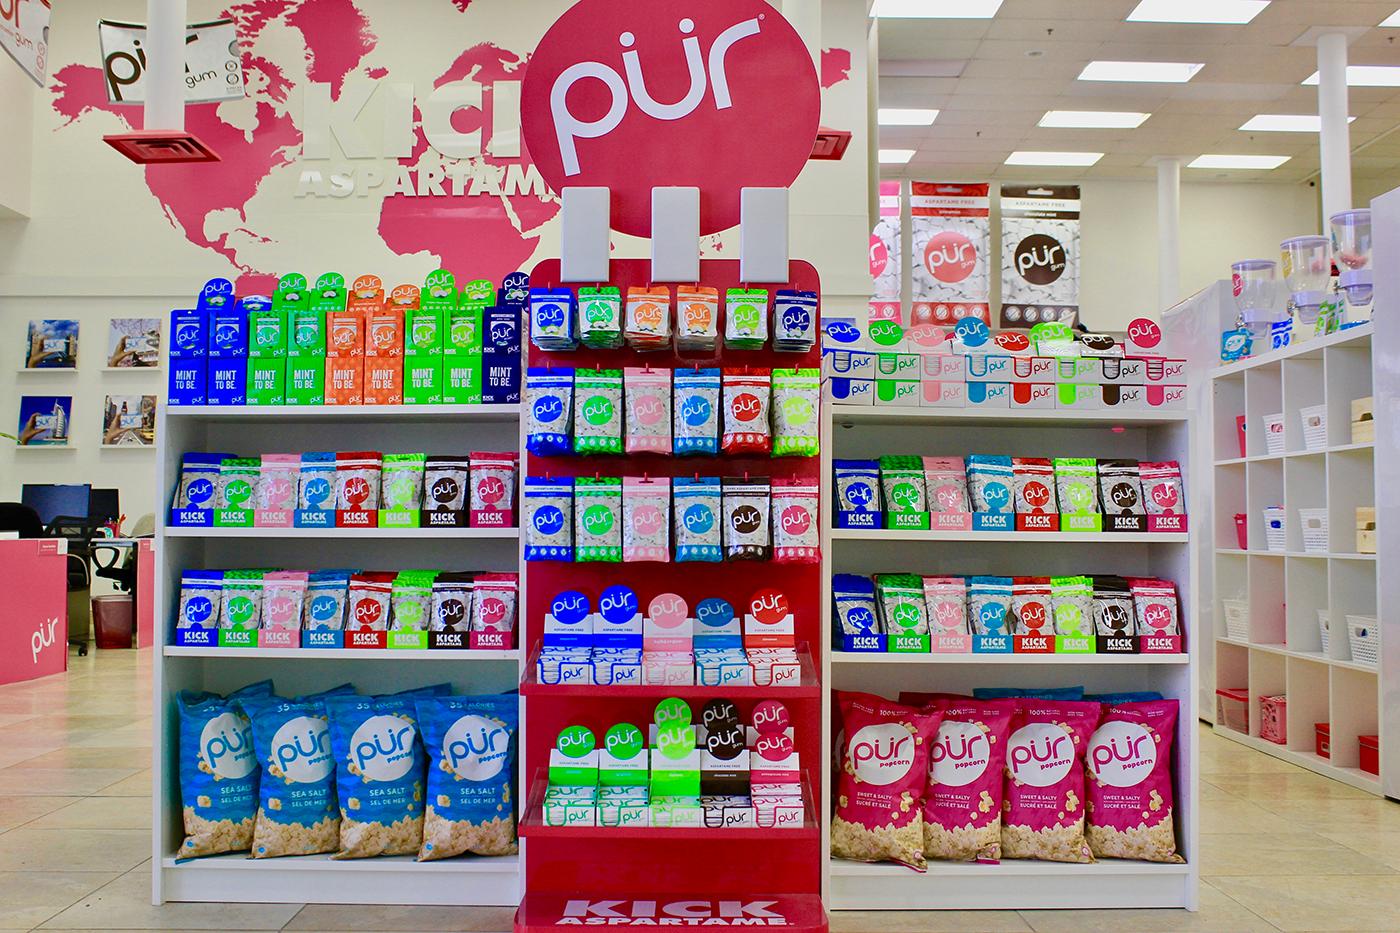 Εικόνα προϊόντων τοποθετημένων σε σταντ της PUR.